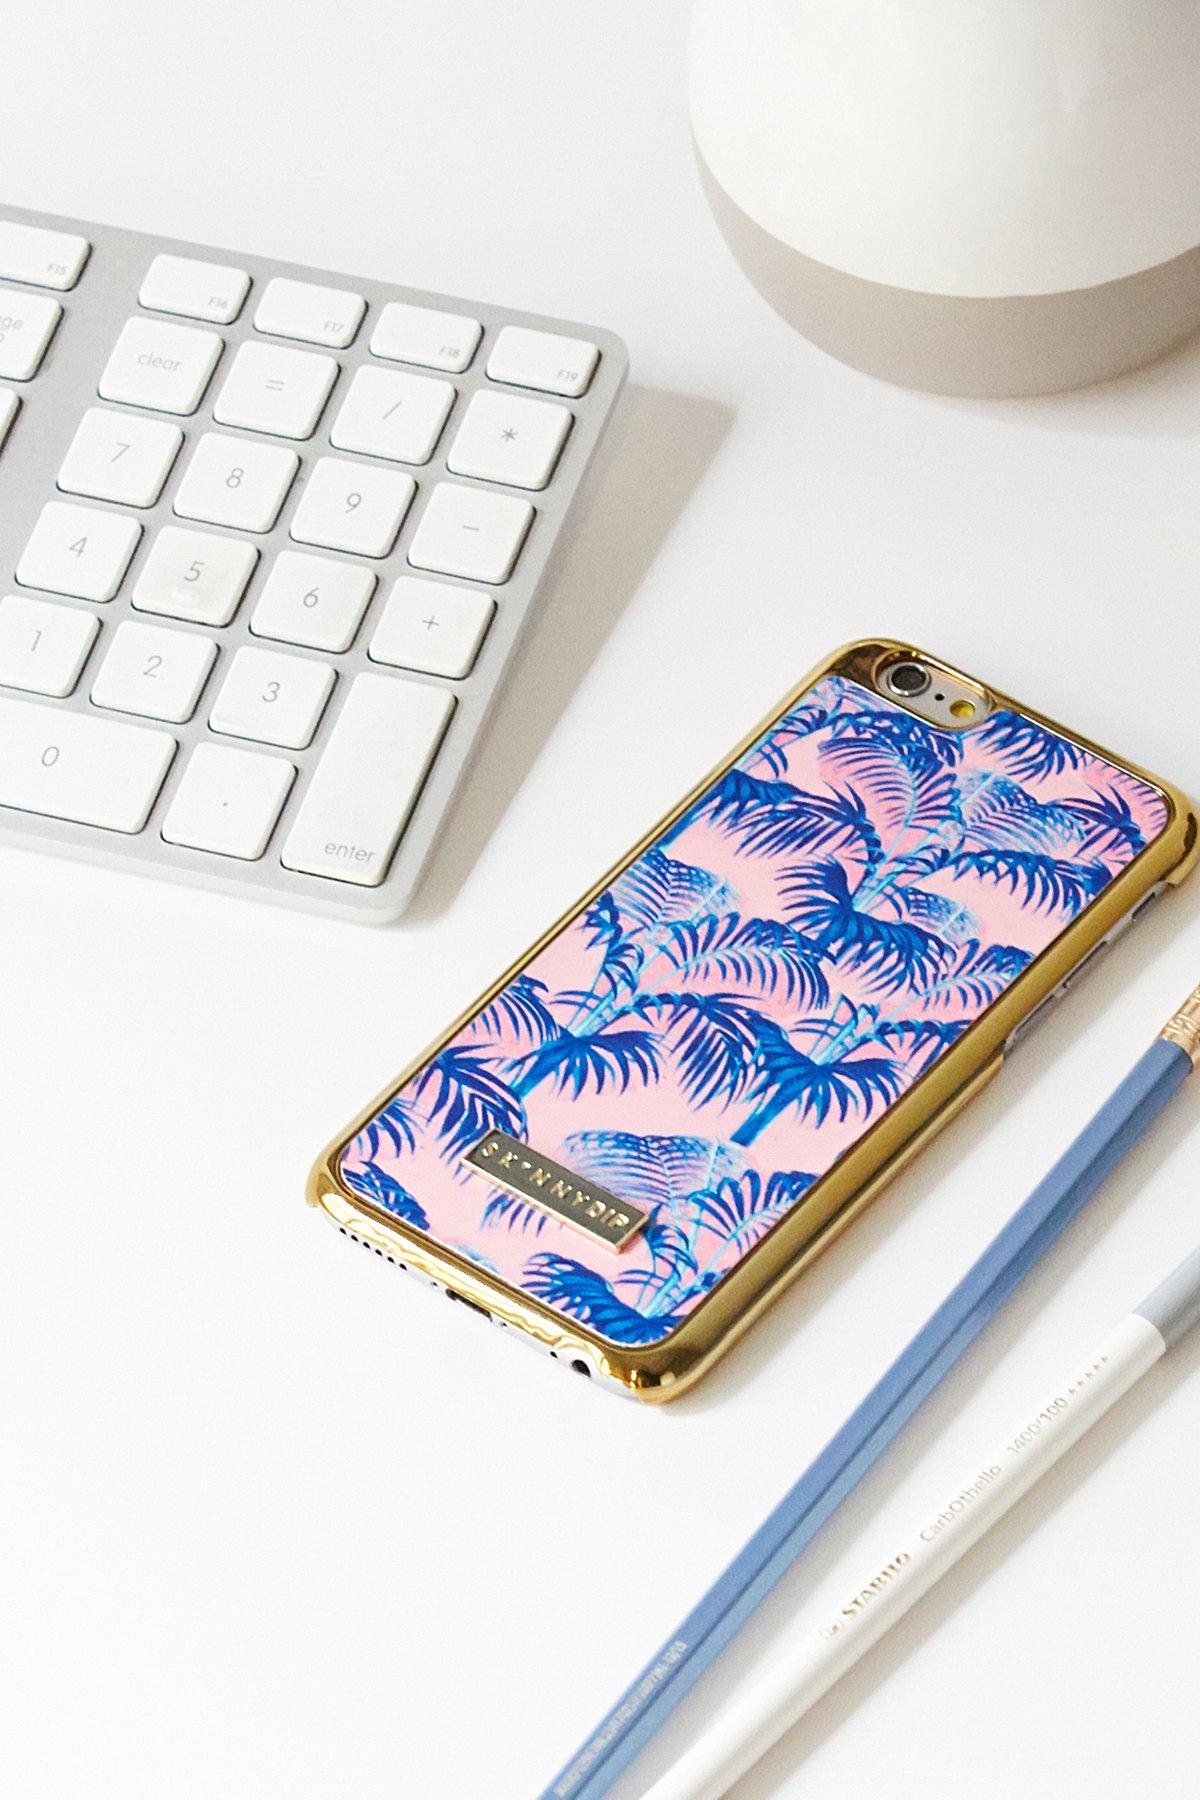 棕榈树图案iPhone手机壳